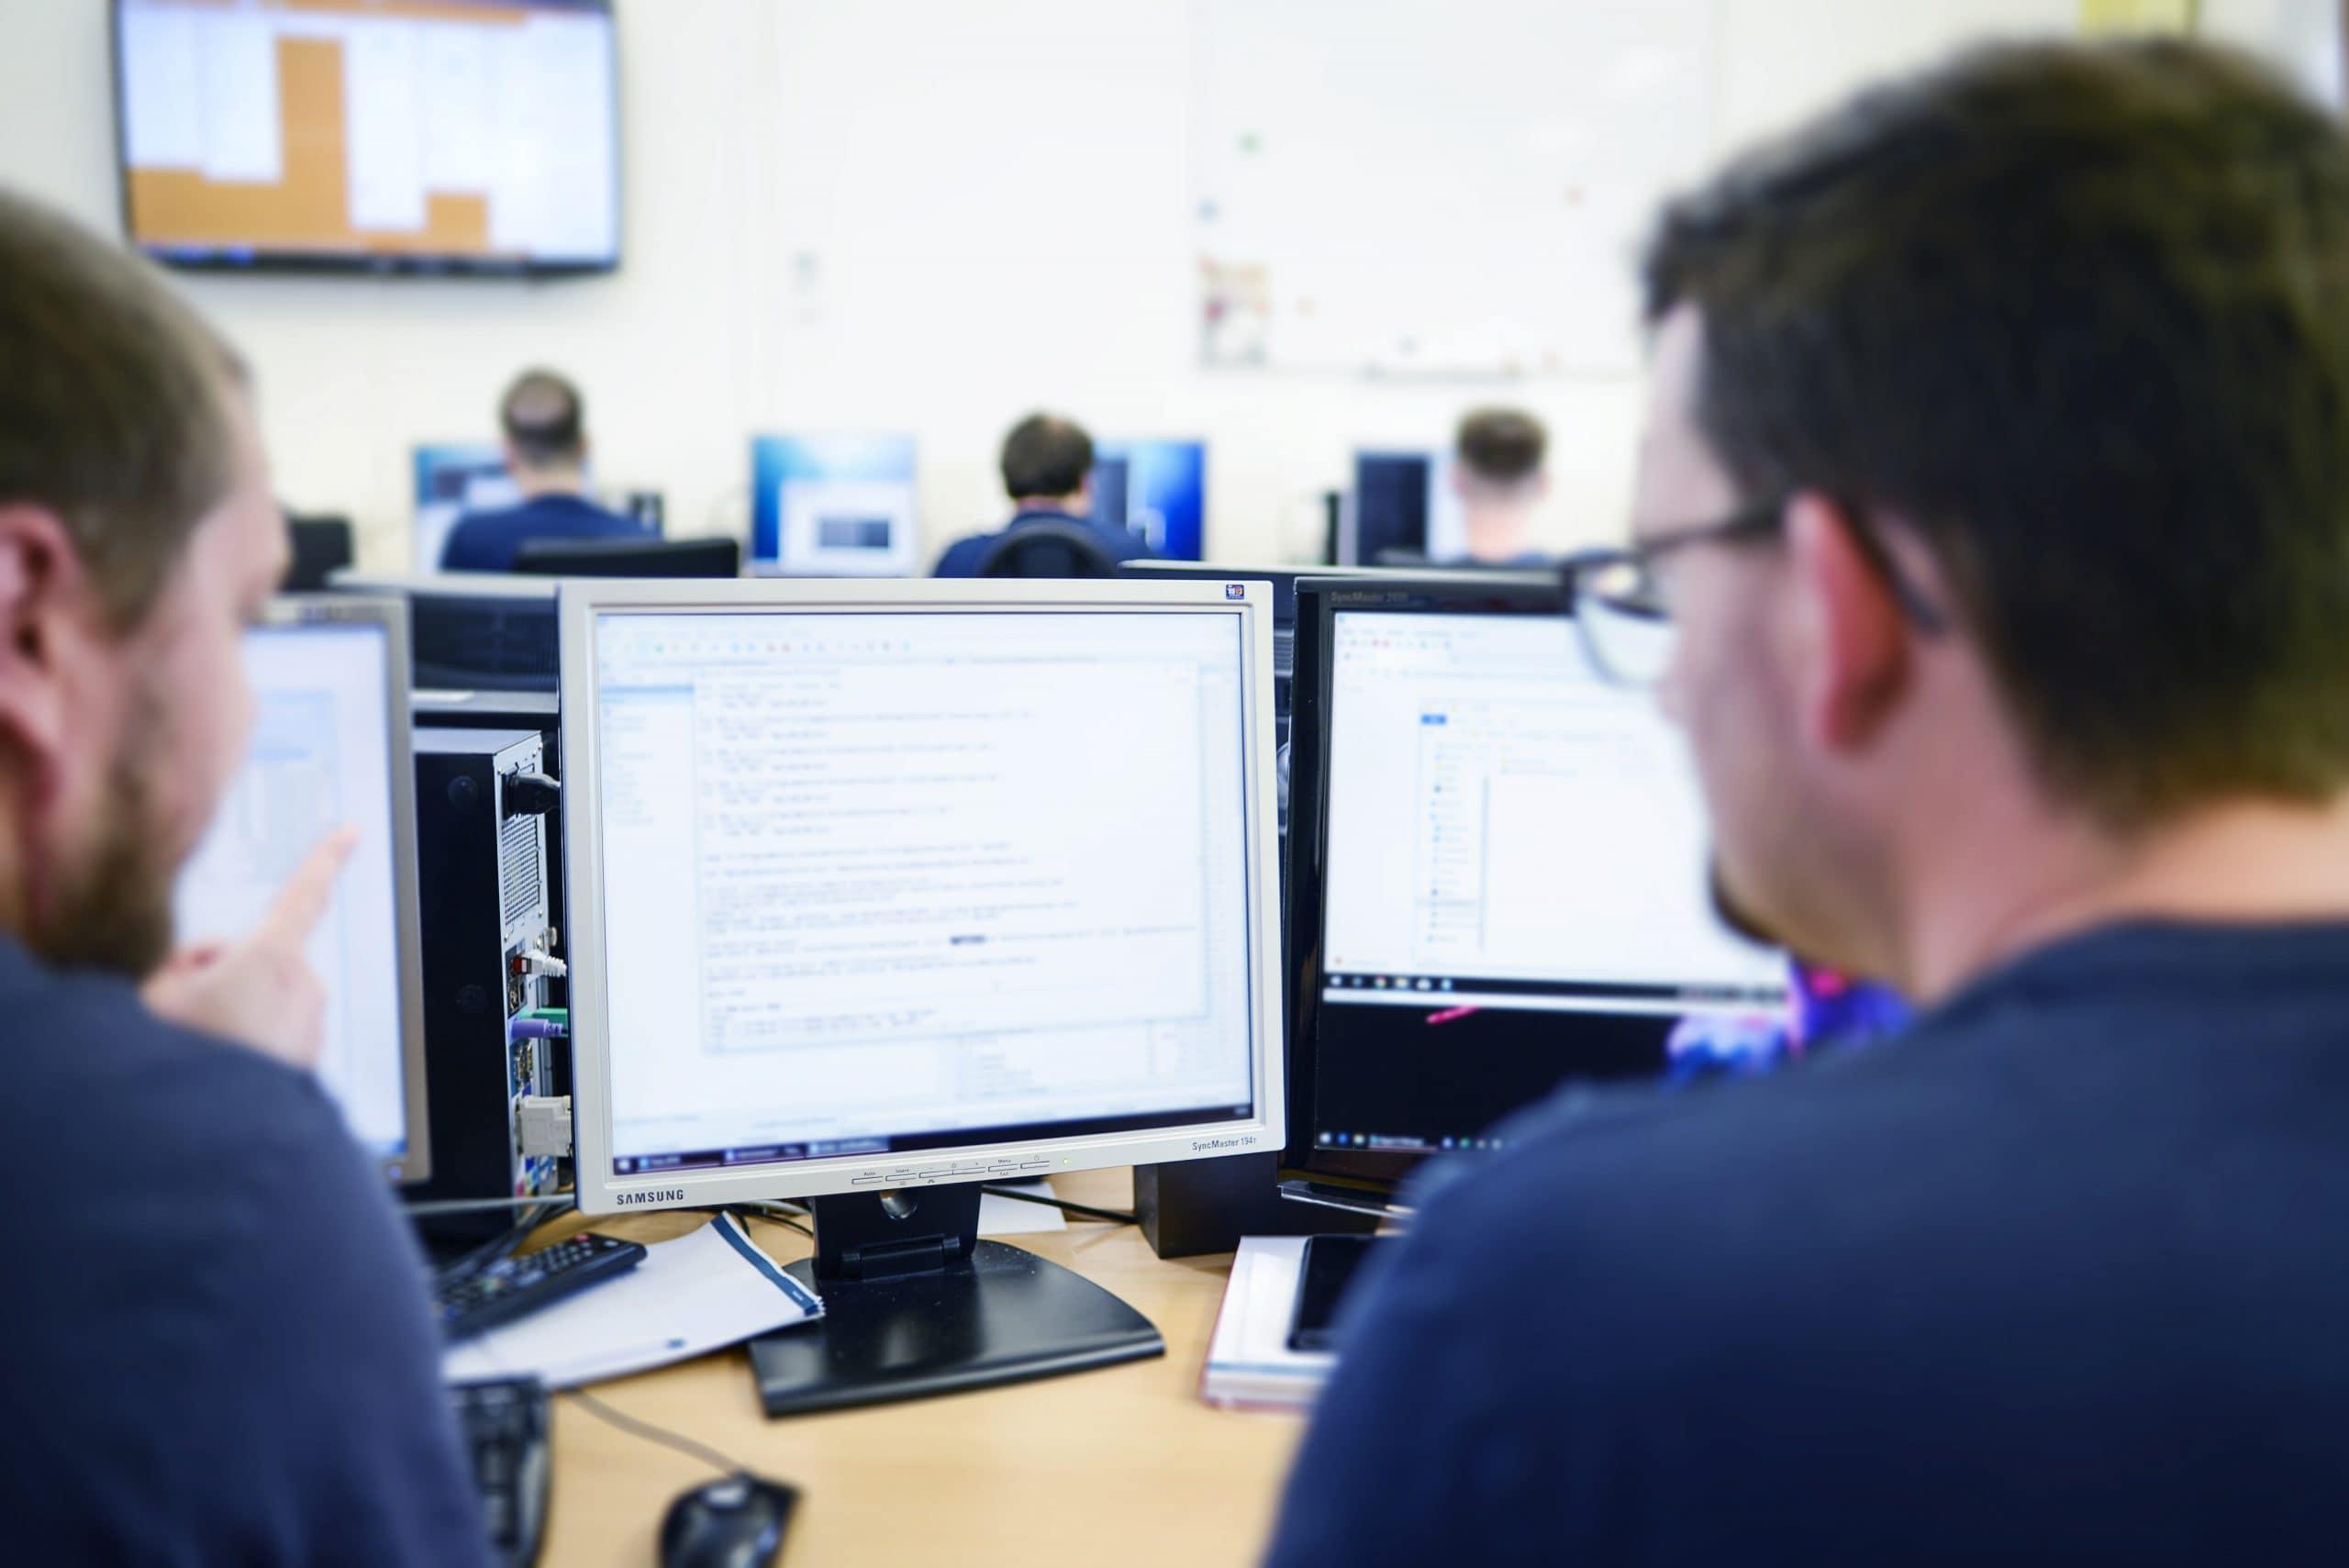 Eine der größten Malware-Datenbanken der Welt ermöglichen praxisnahe Tests. (Bild: AV-Test)